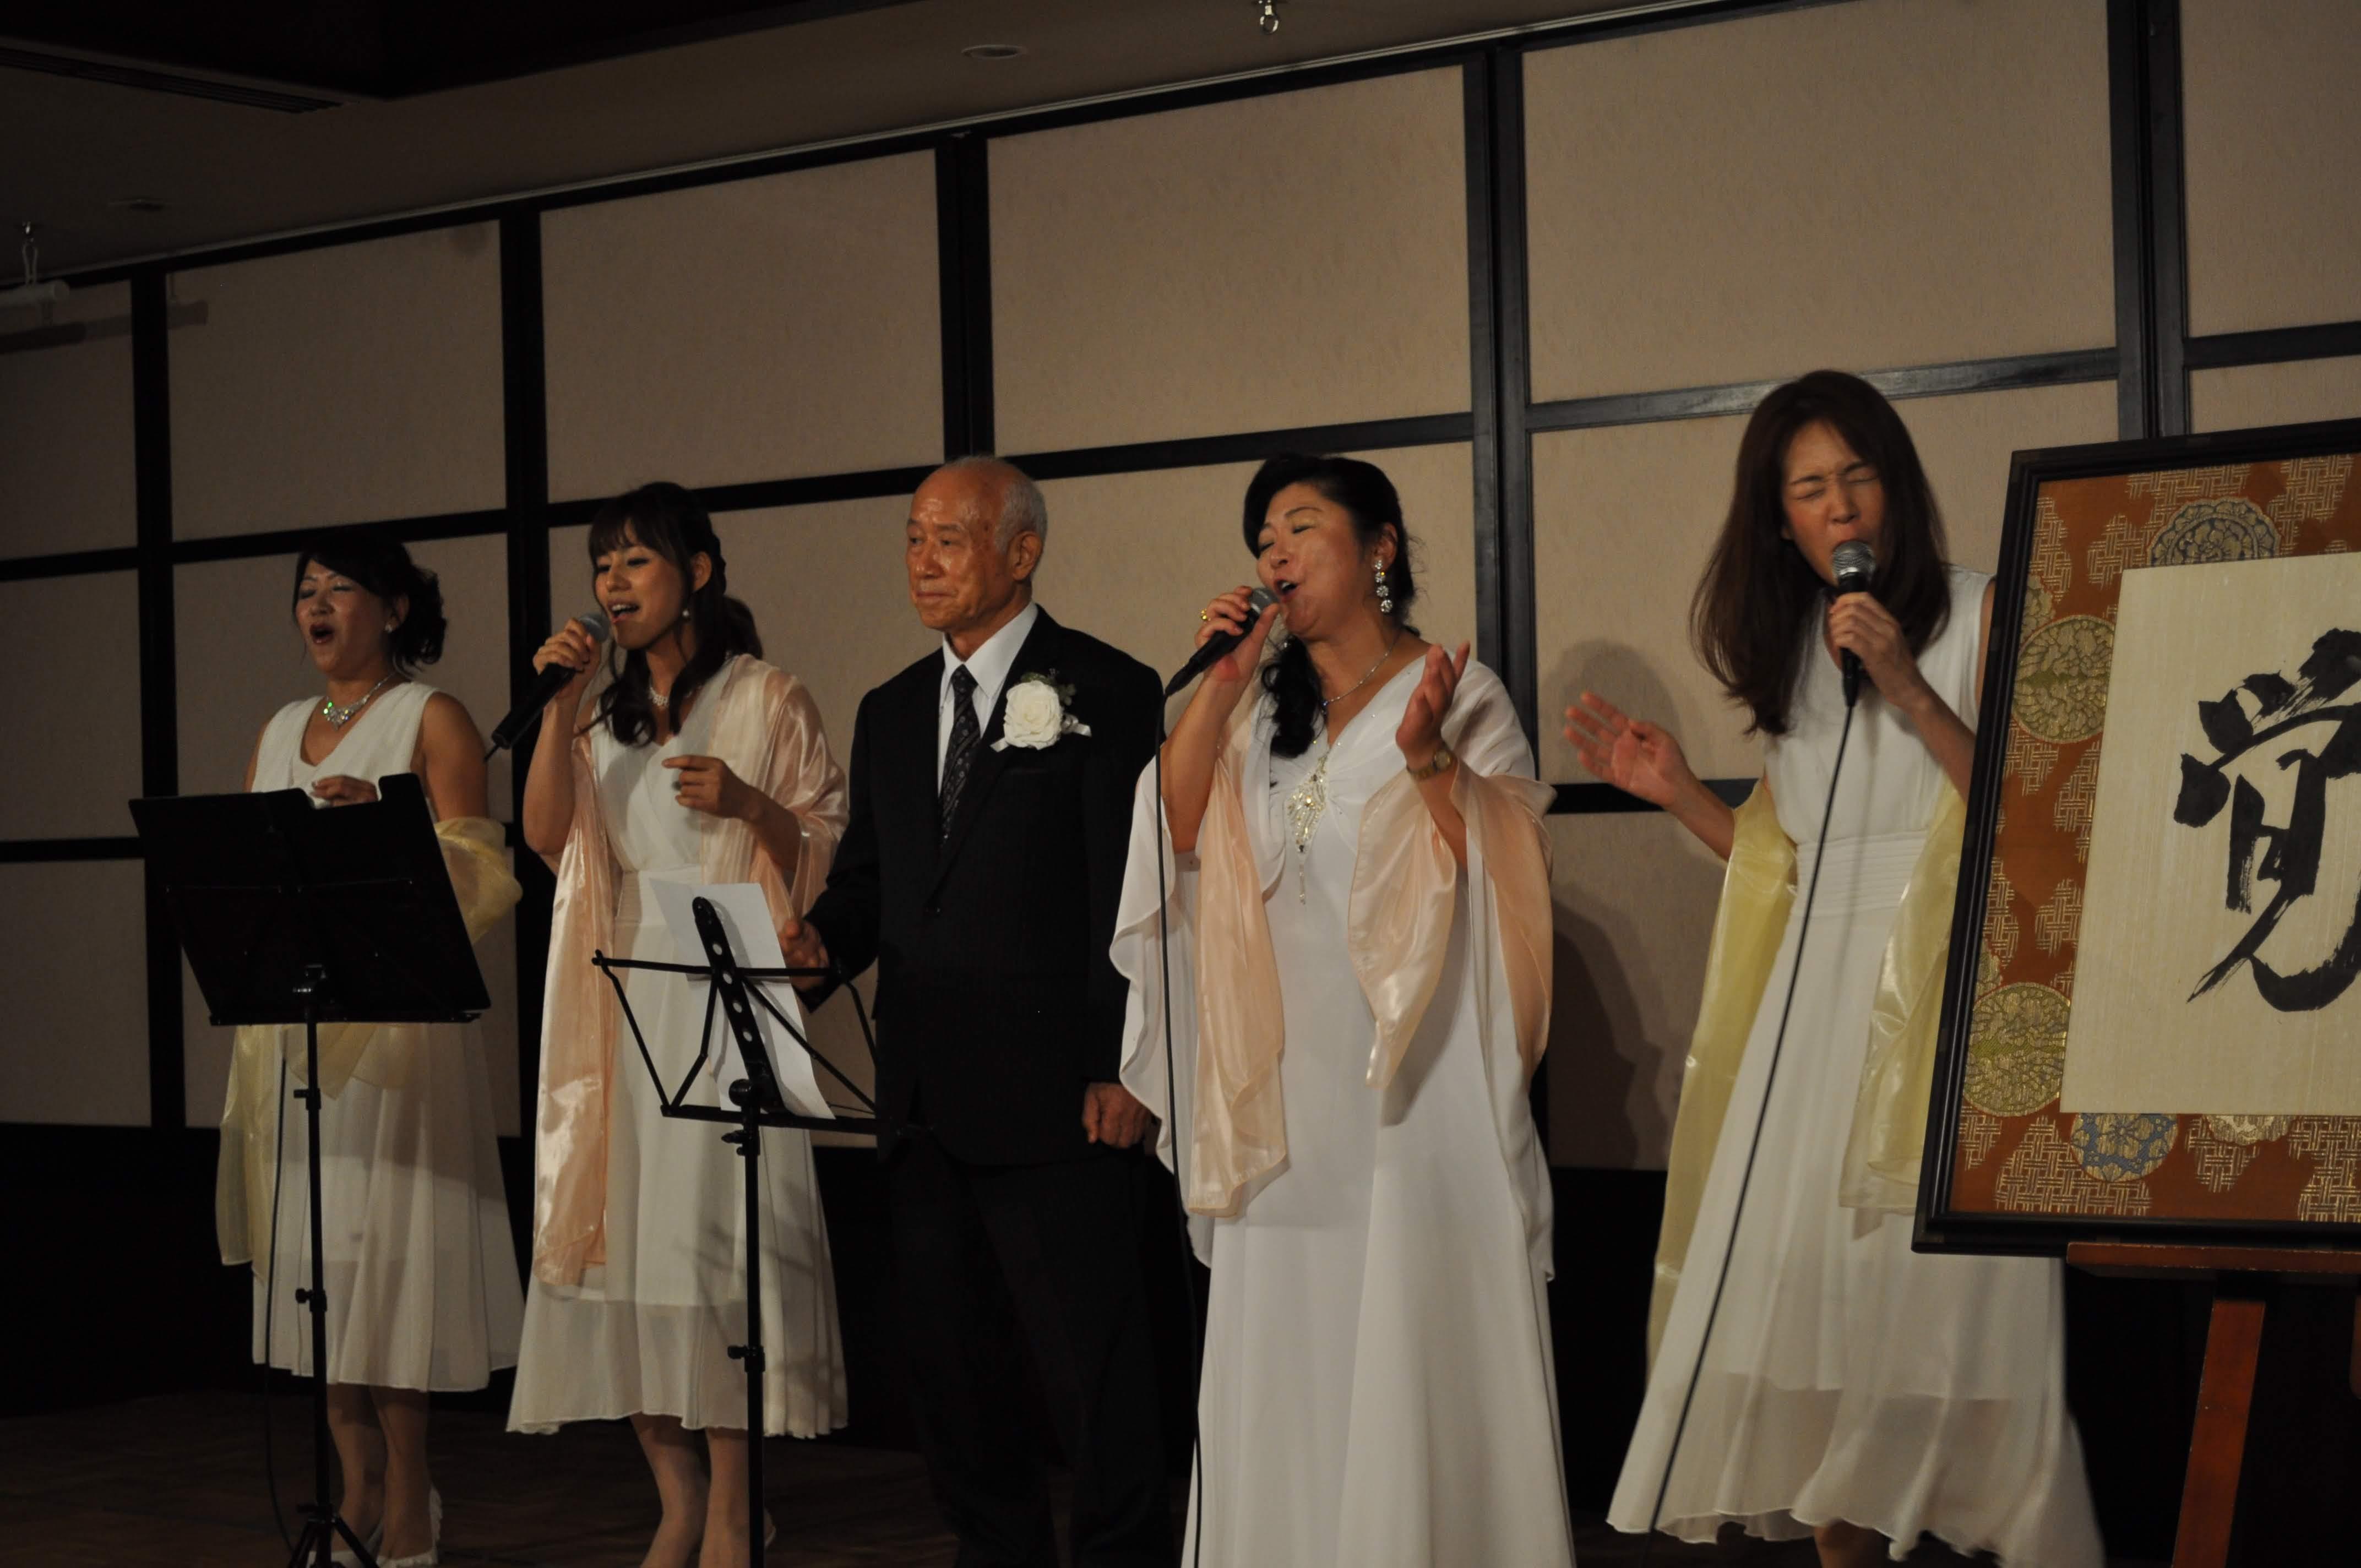 DSC 0526 1 - 思風会全国大会in広島